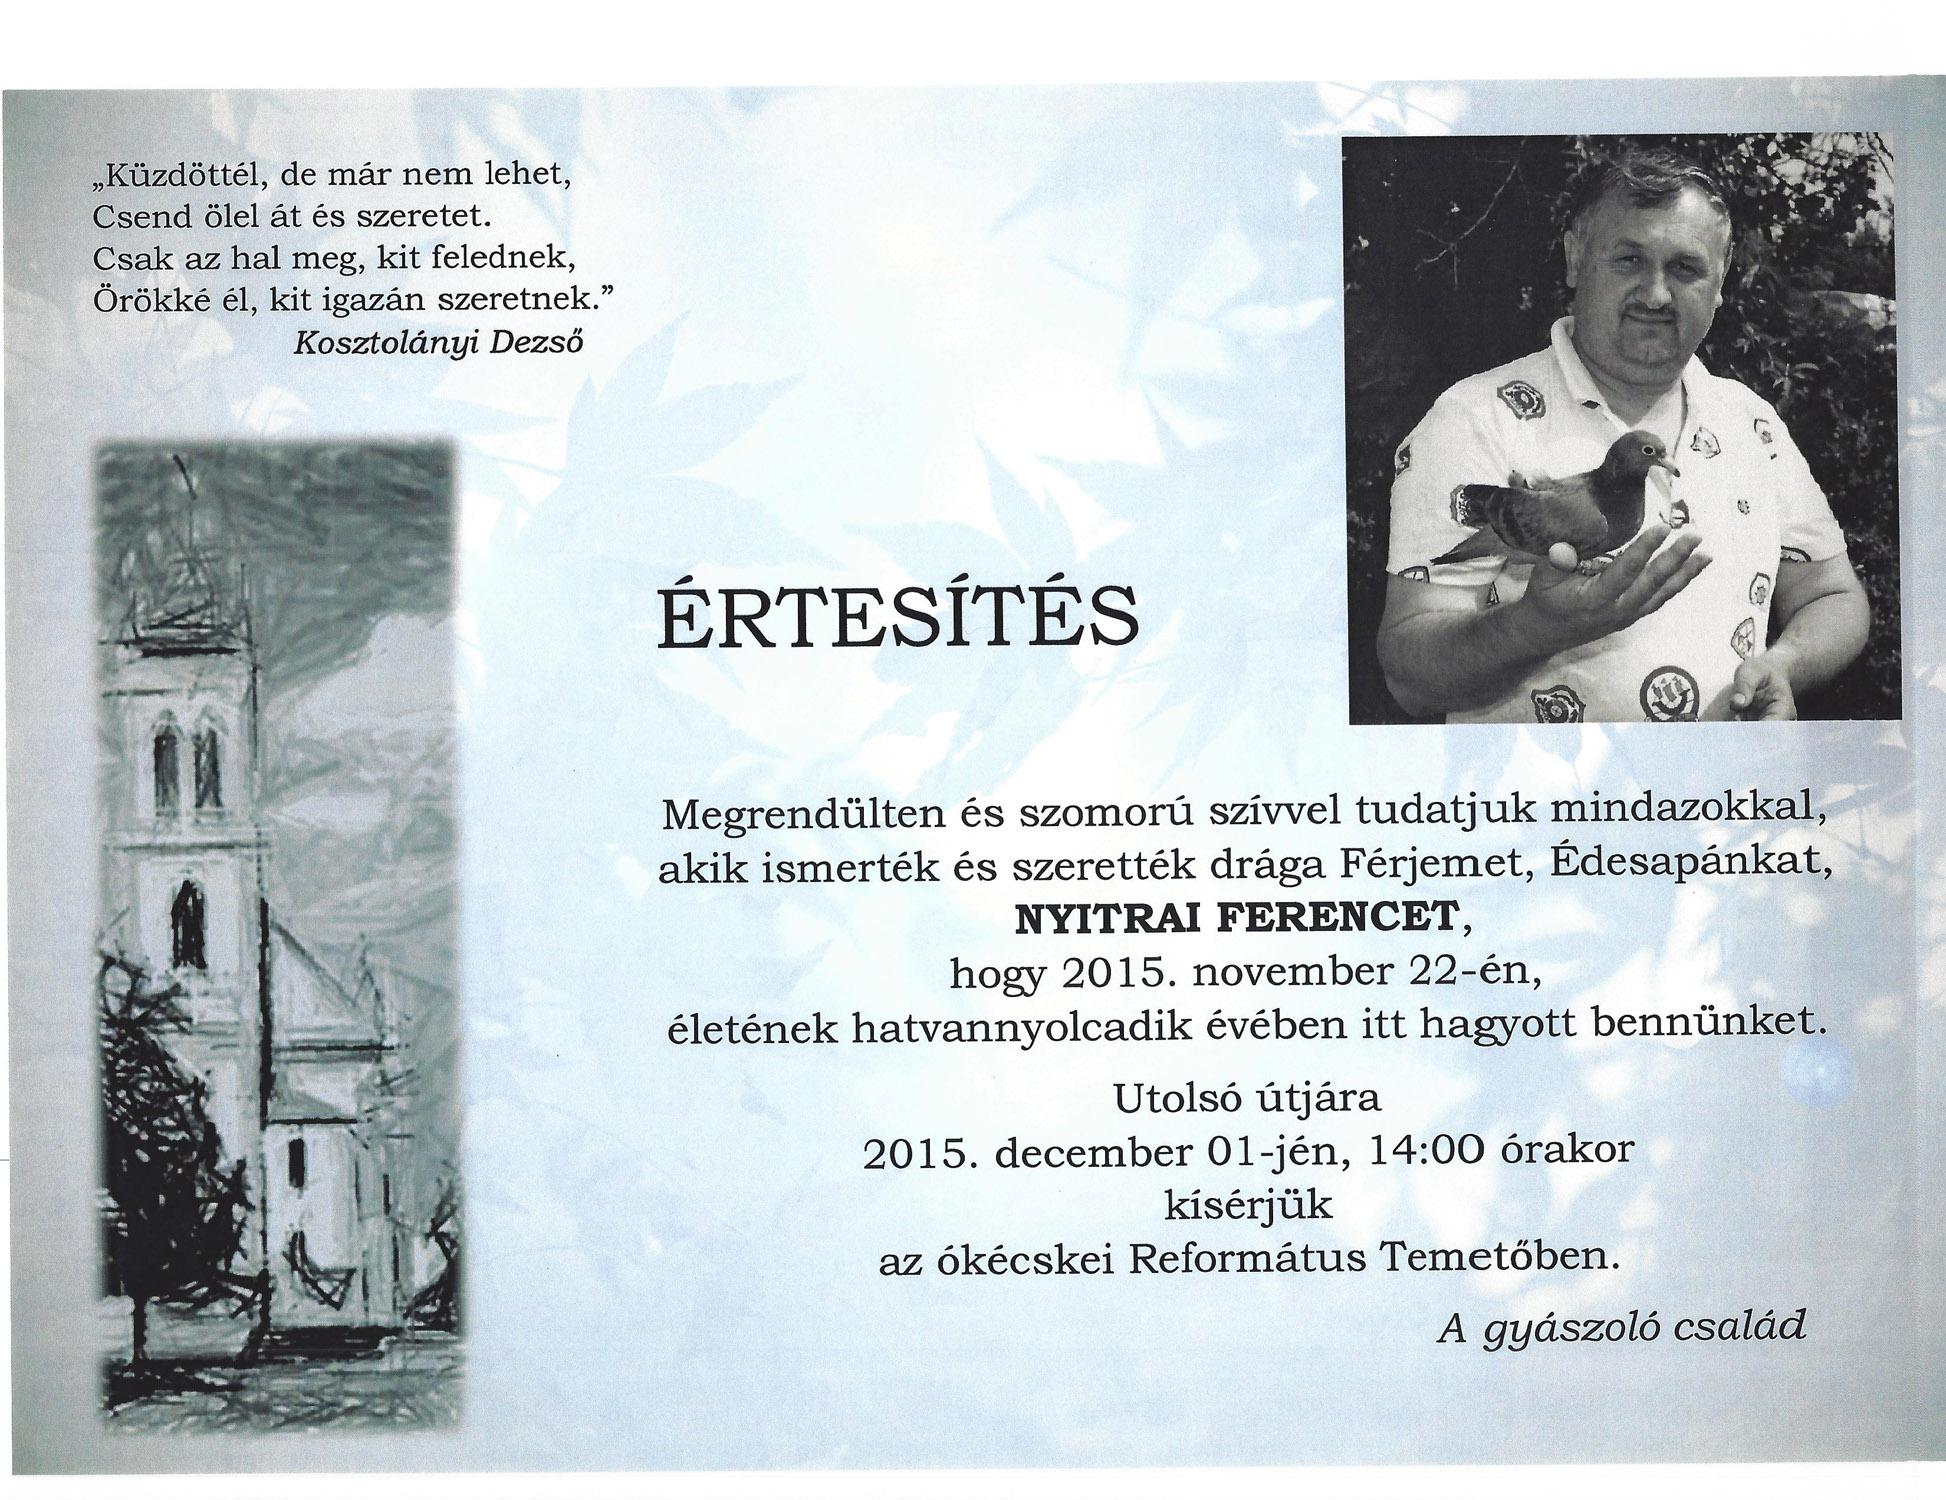 Nyitrai Ferenc